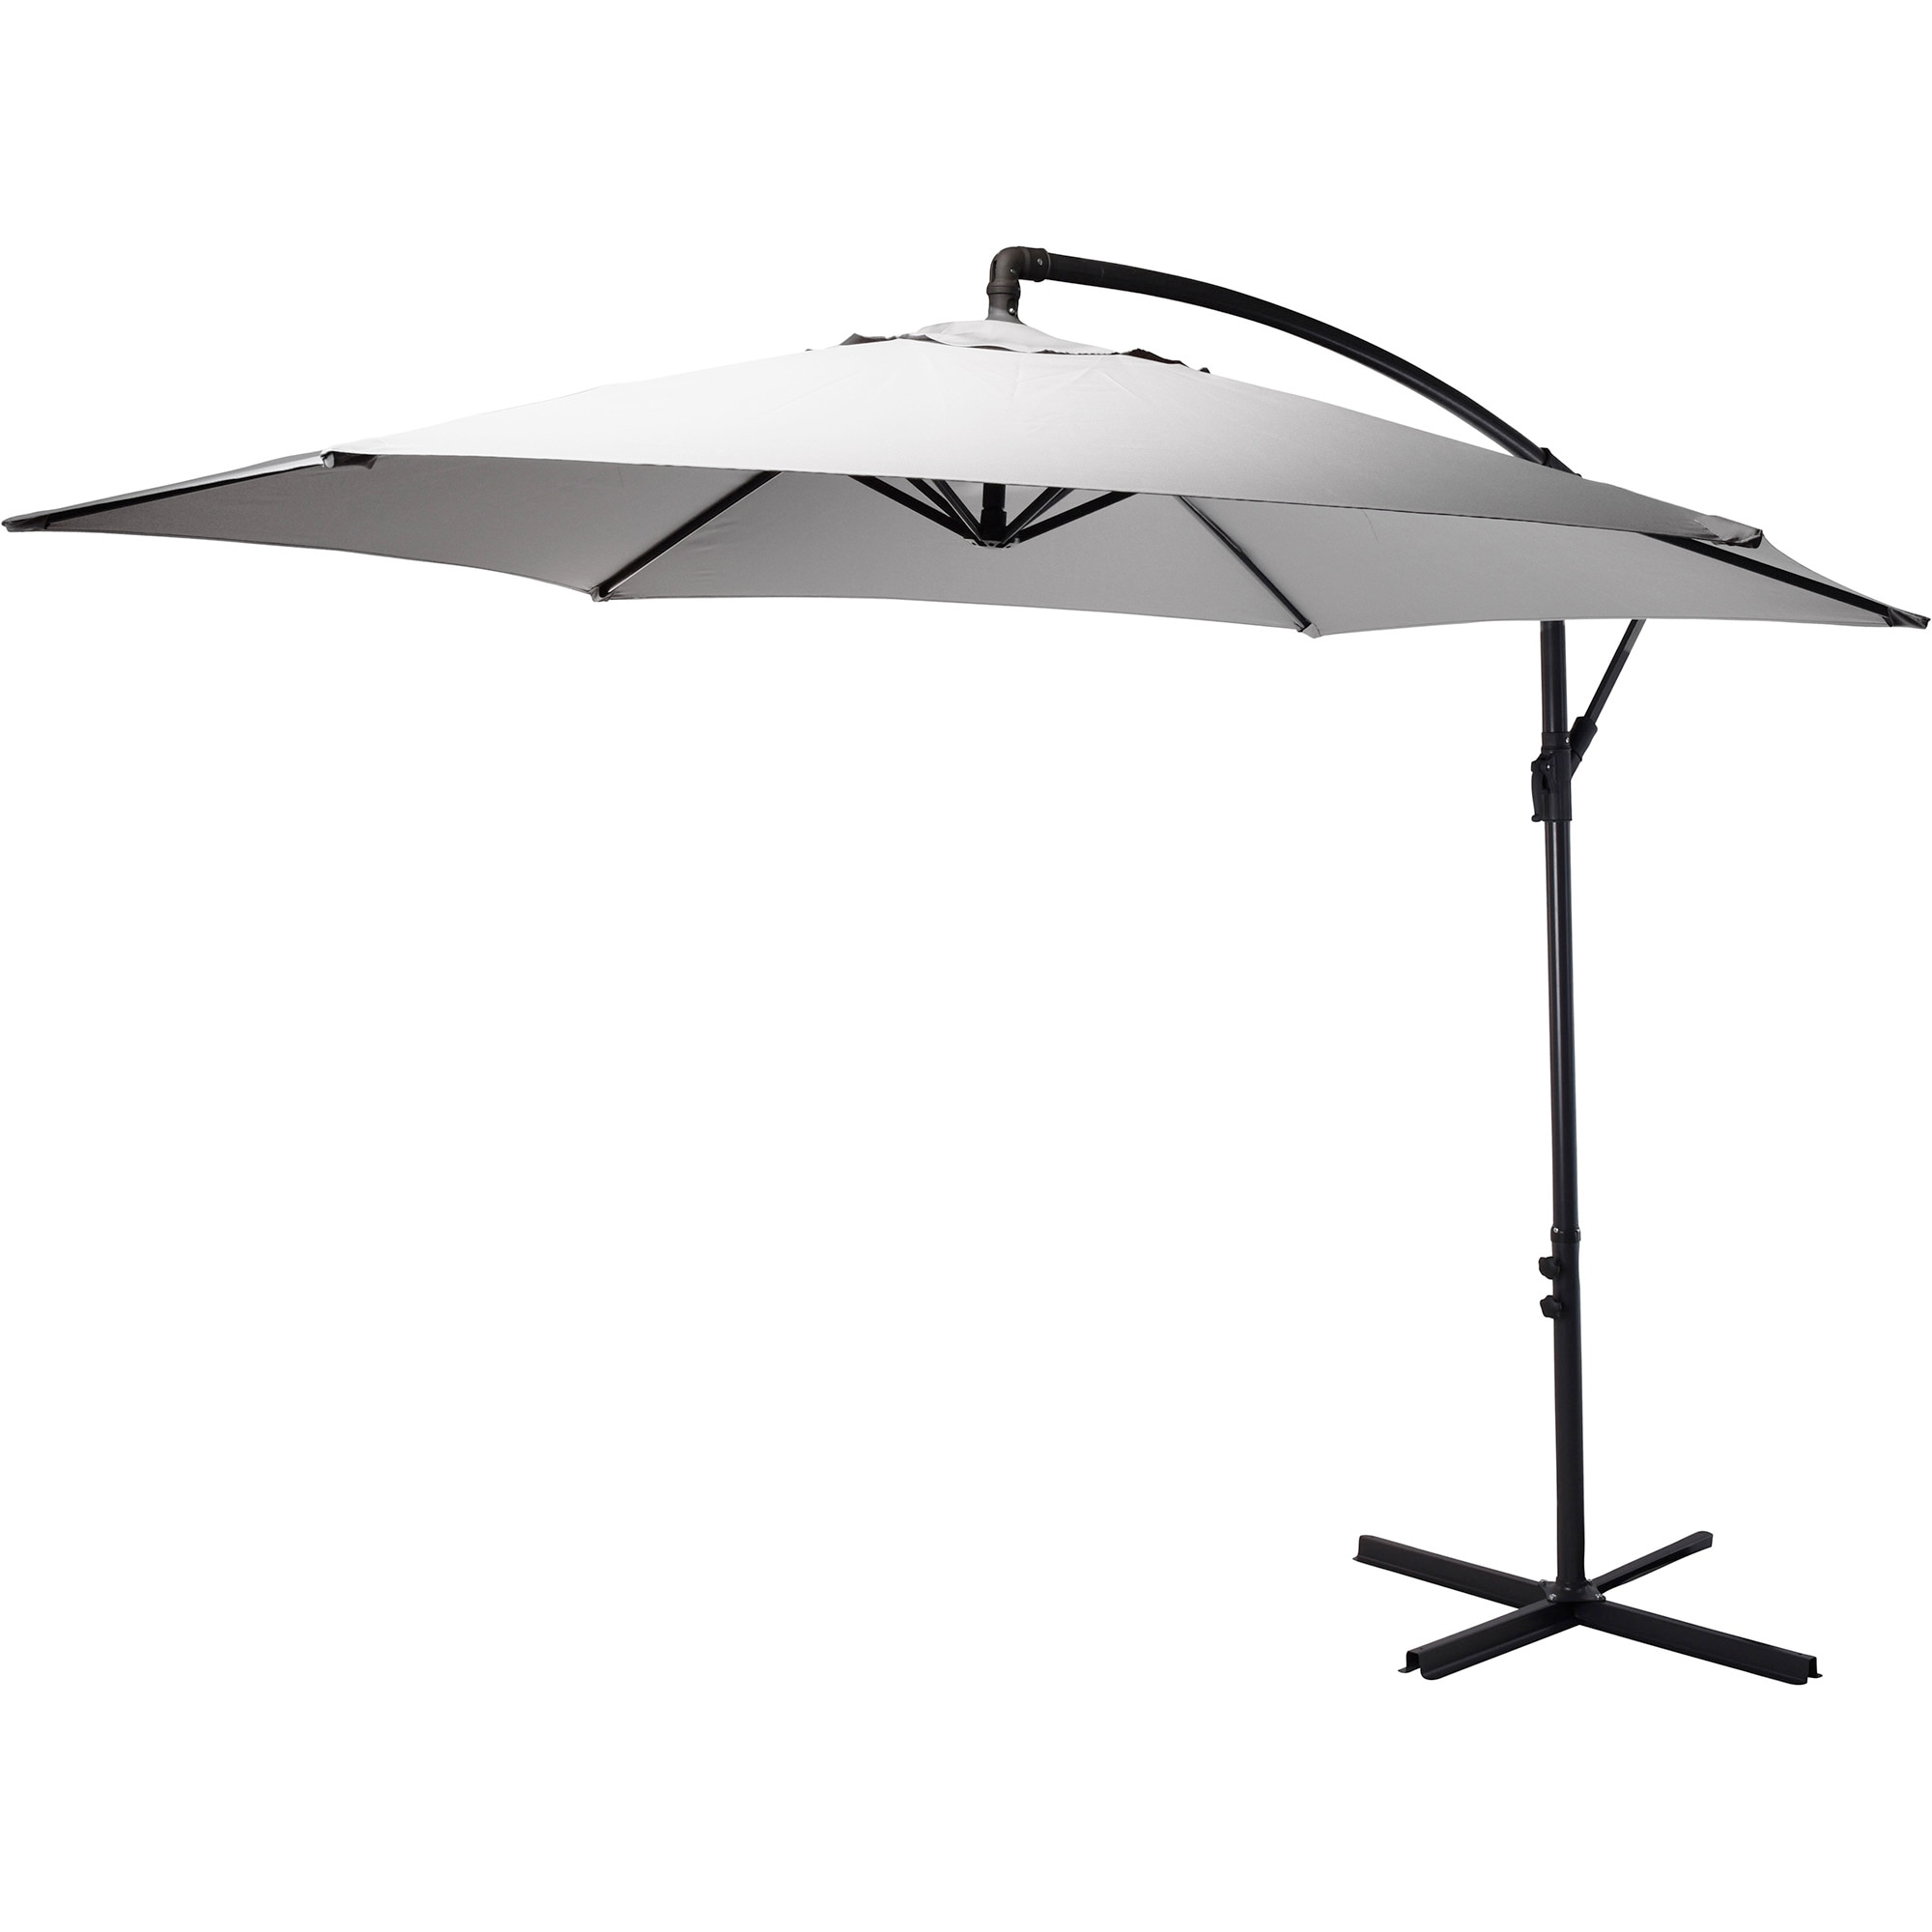 Fotografie Umbrela de soare suspendata, Ambiance, 300 cm, gri deschis